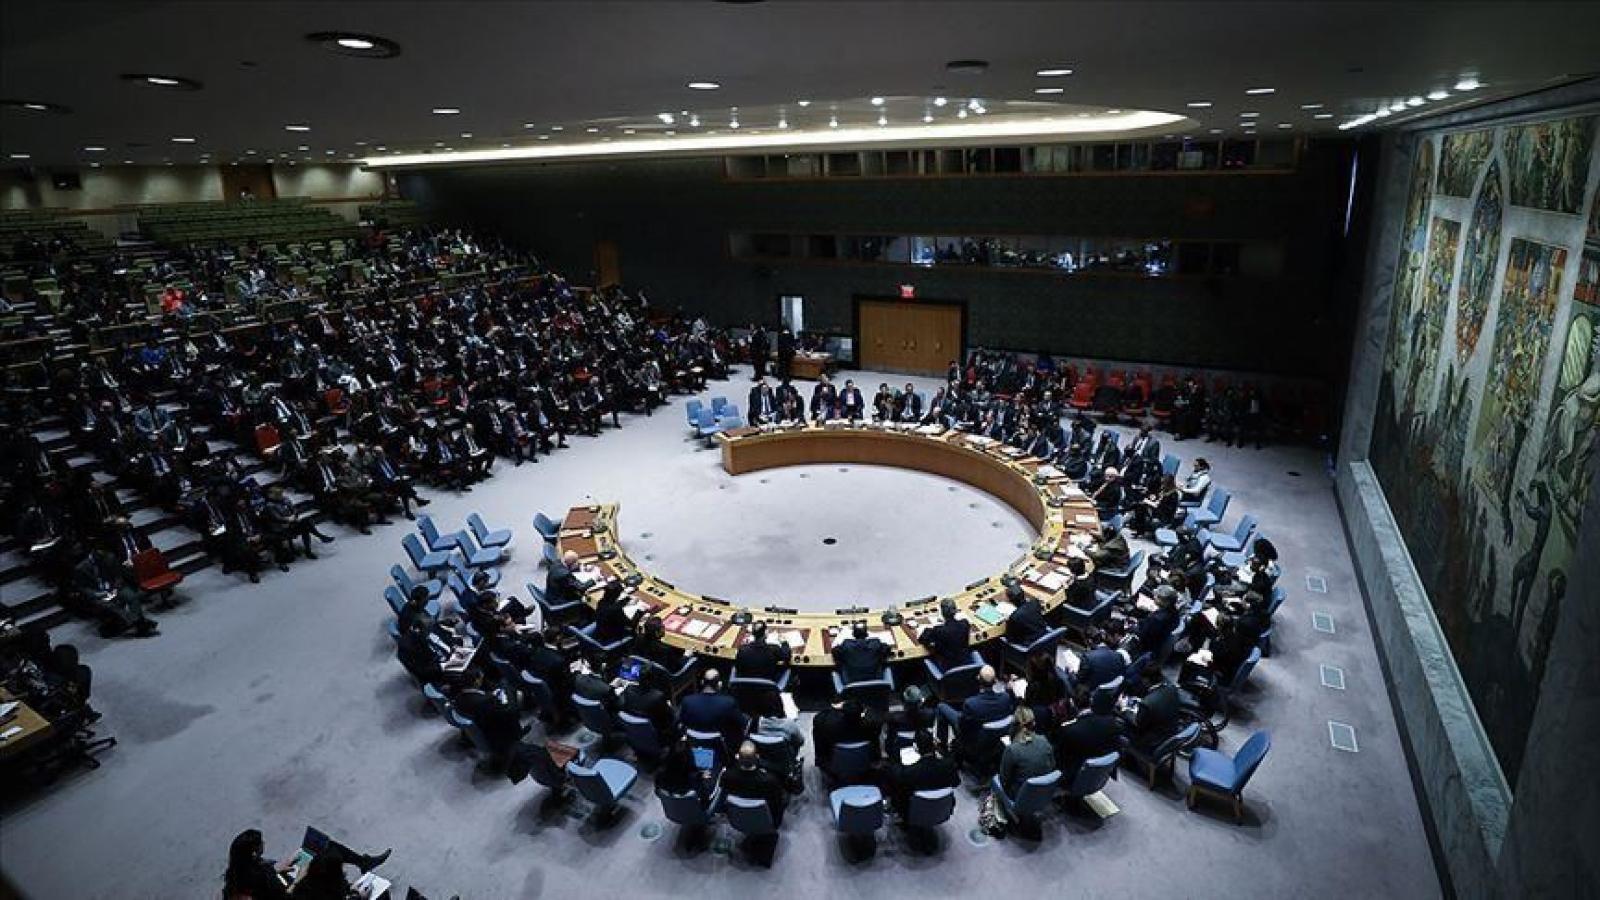 Đại hội đồng Liên Hợp Quốc bầu 5 Ủyviên không thường trực nhiệm kỳ mới